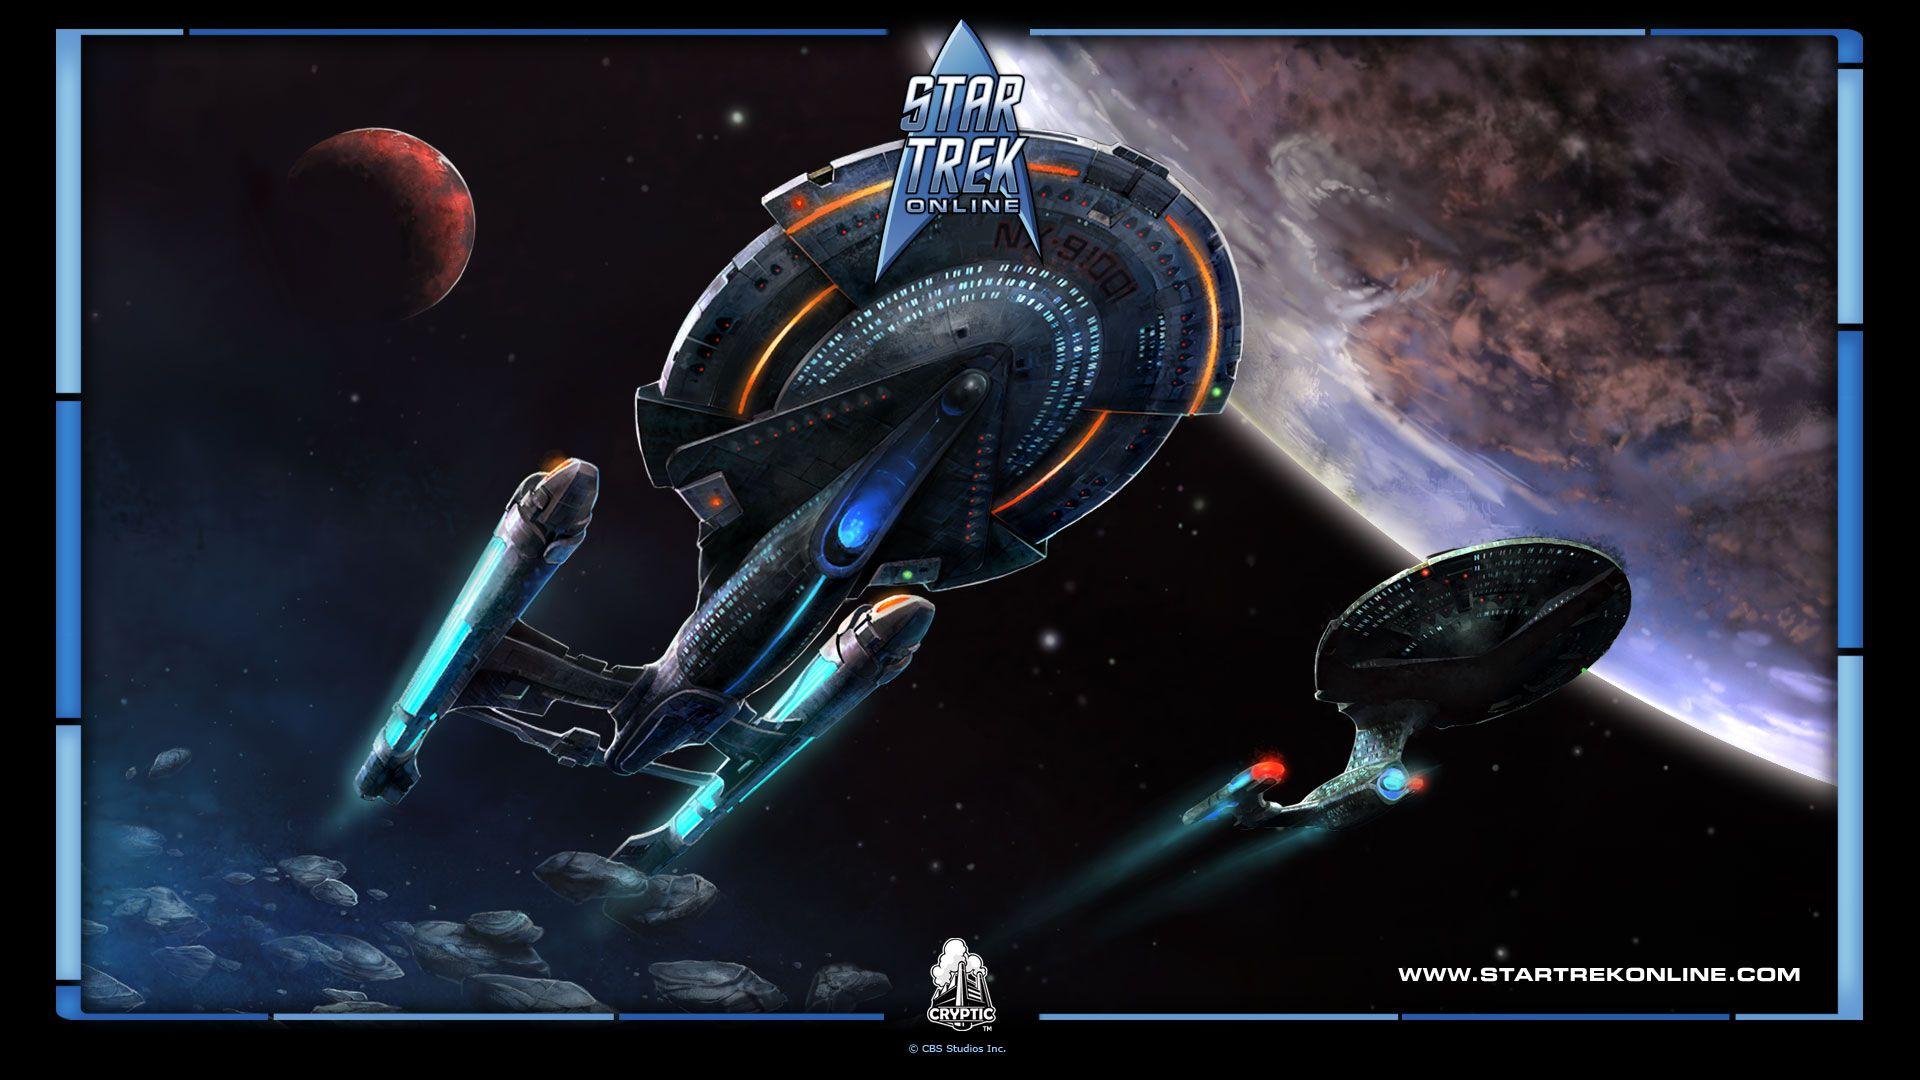 Star Trek Ship Hd Wallpaper Jpg 1920 1080 Star Trek Online Star Trek Art Star Trek Wallpaper